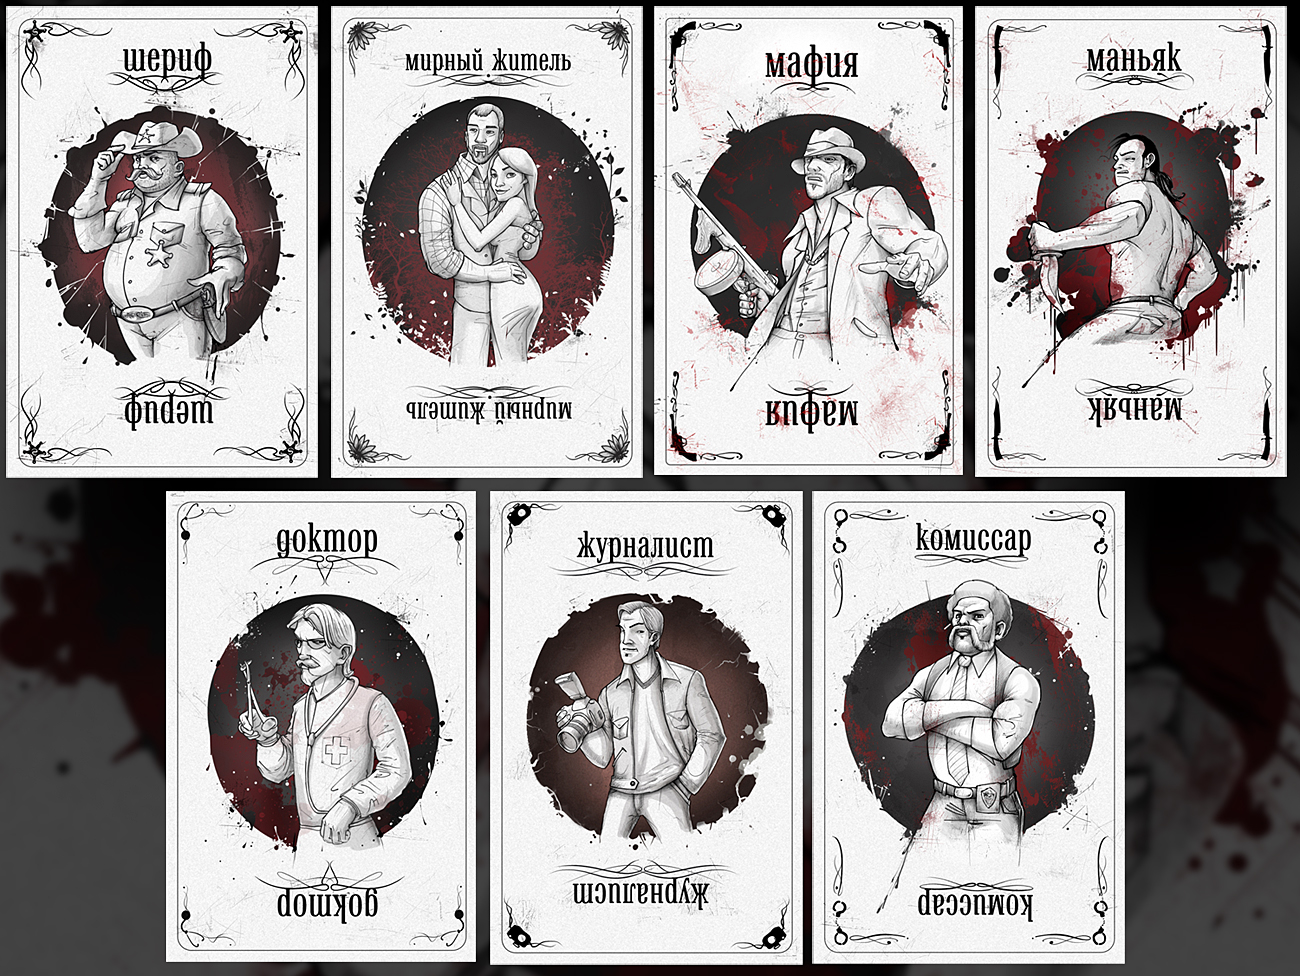 играть карты мафия онлайн в